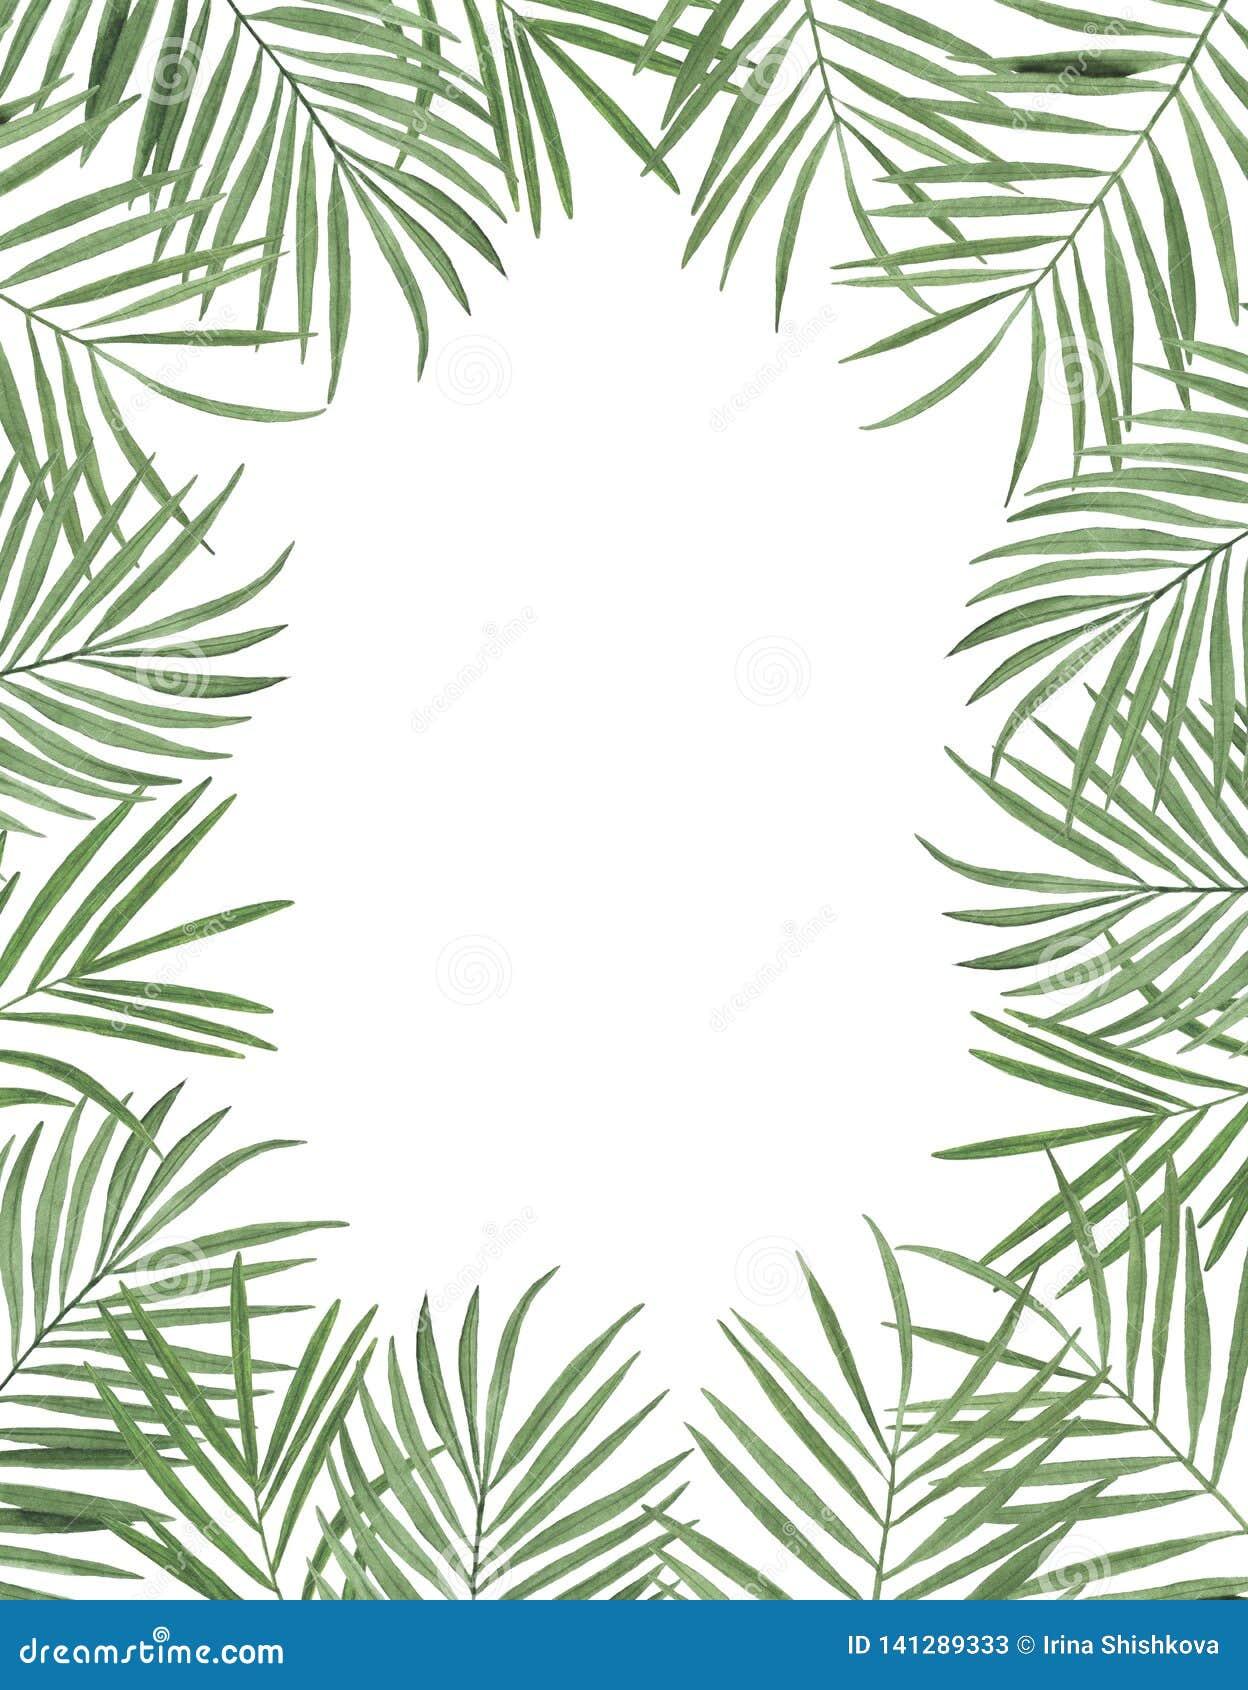 Congratul botânico da decoração do projeto do convite do cartão da decoração das decorações das ilustrações da aquarela dos trópi